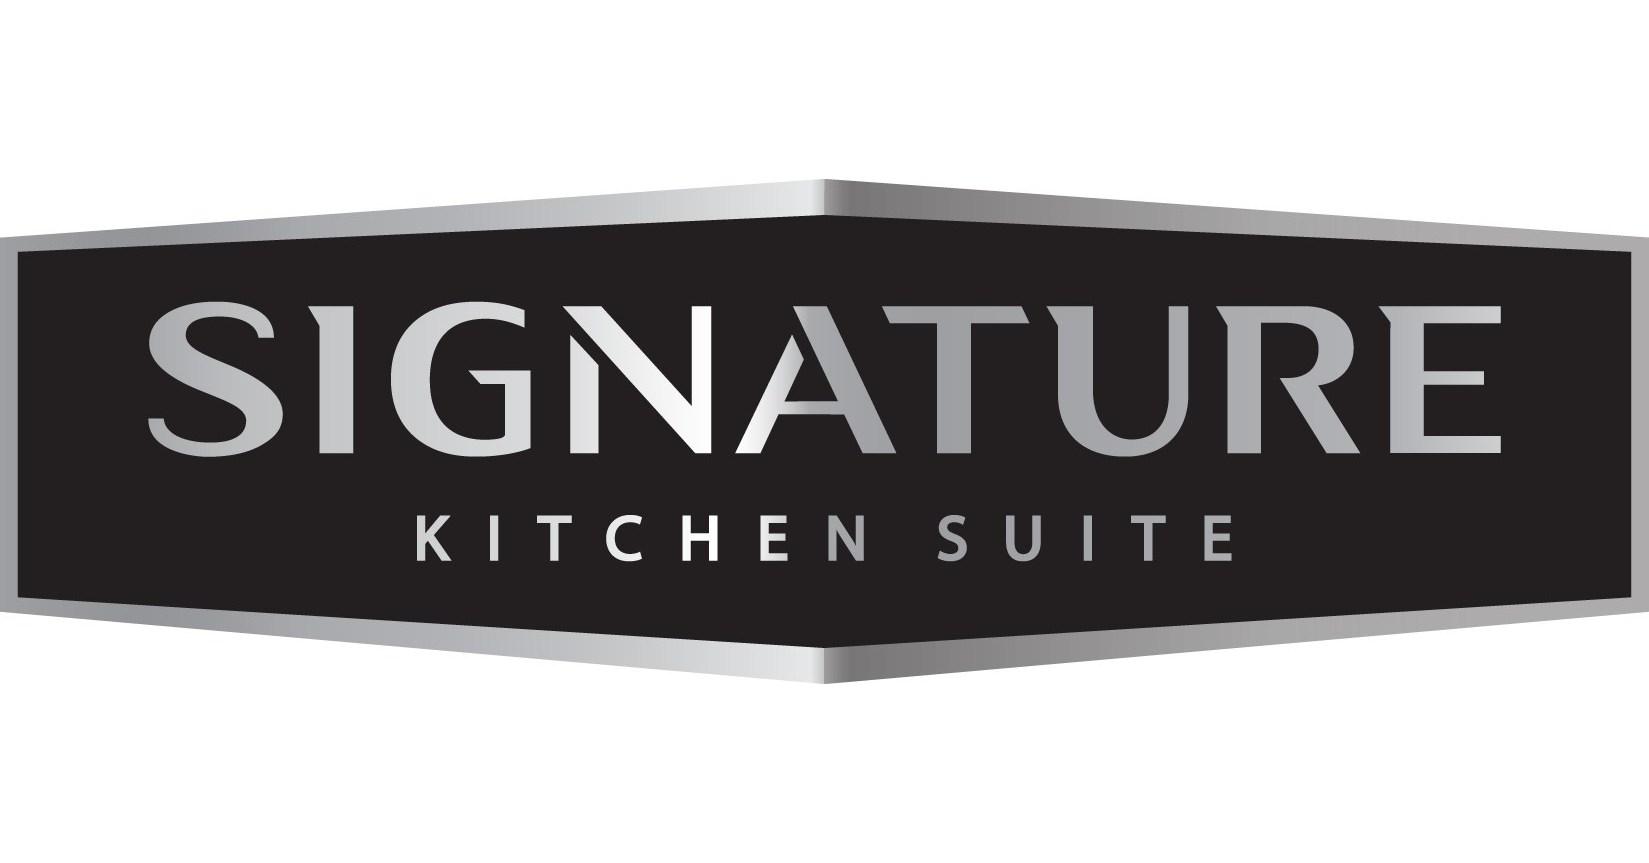 Signature Kitchen Suite's Expanded Luxury Appliance Portfolio ...